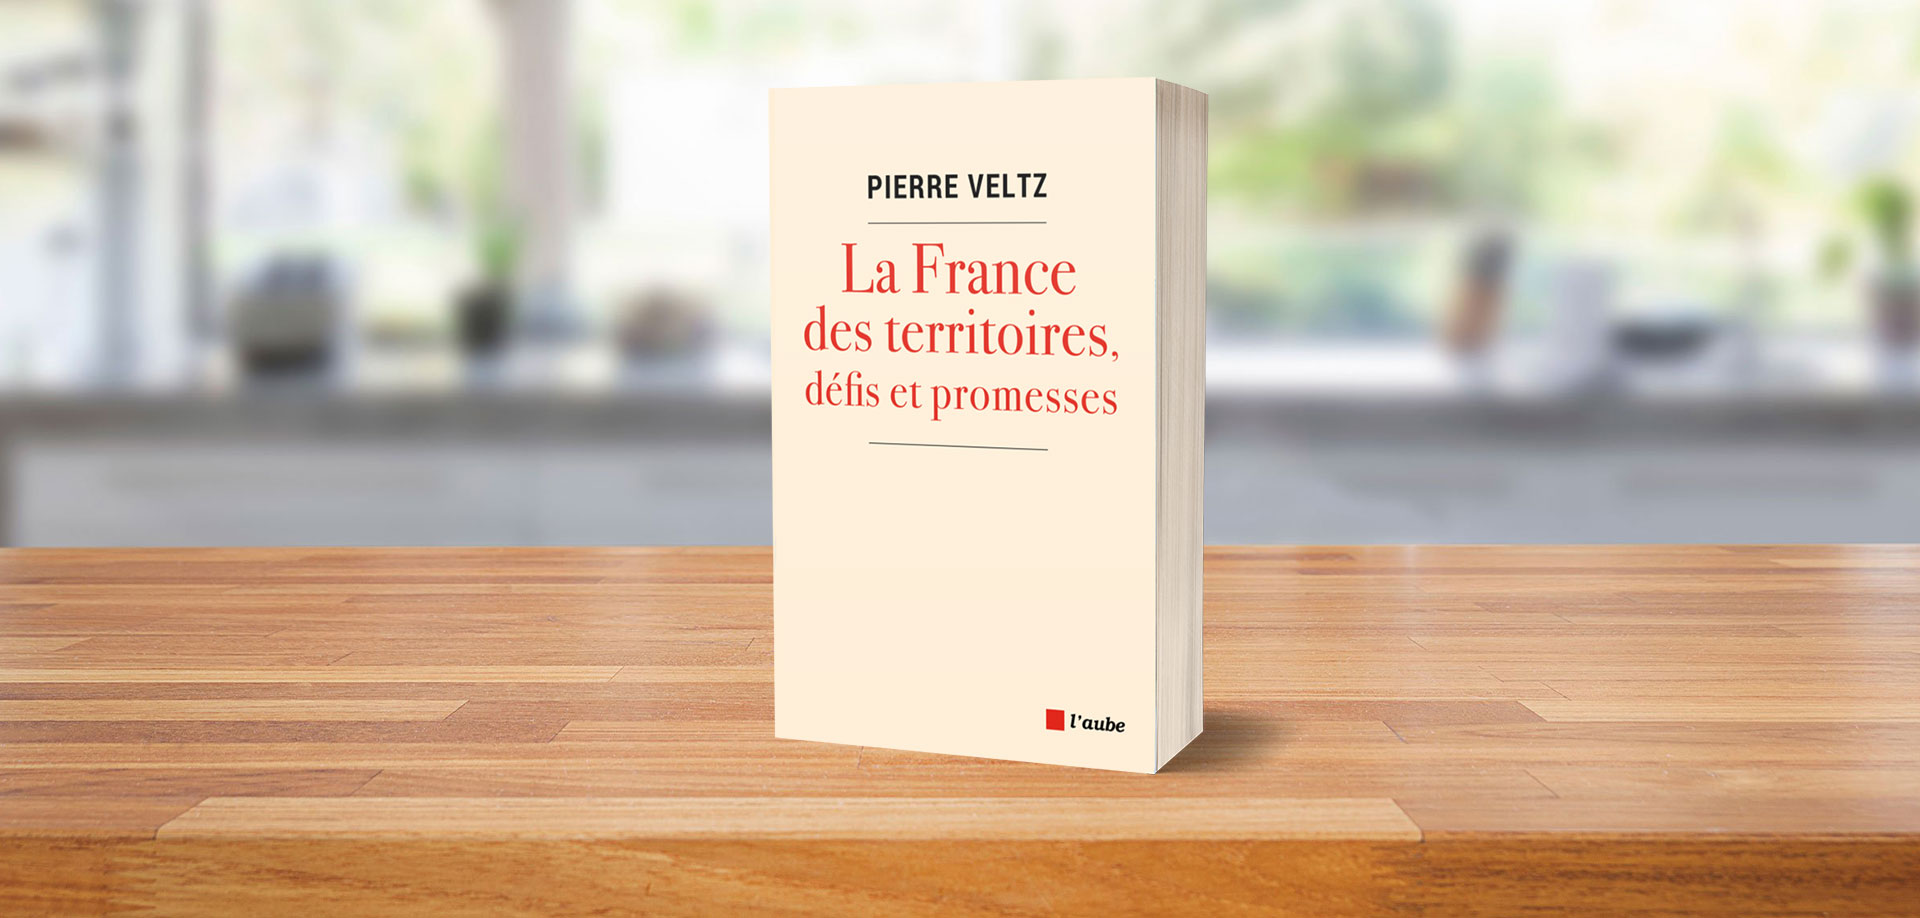 Title du livre